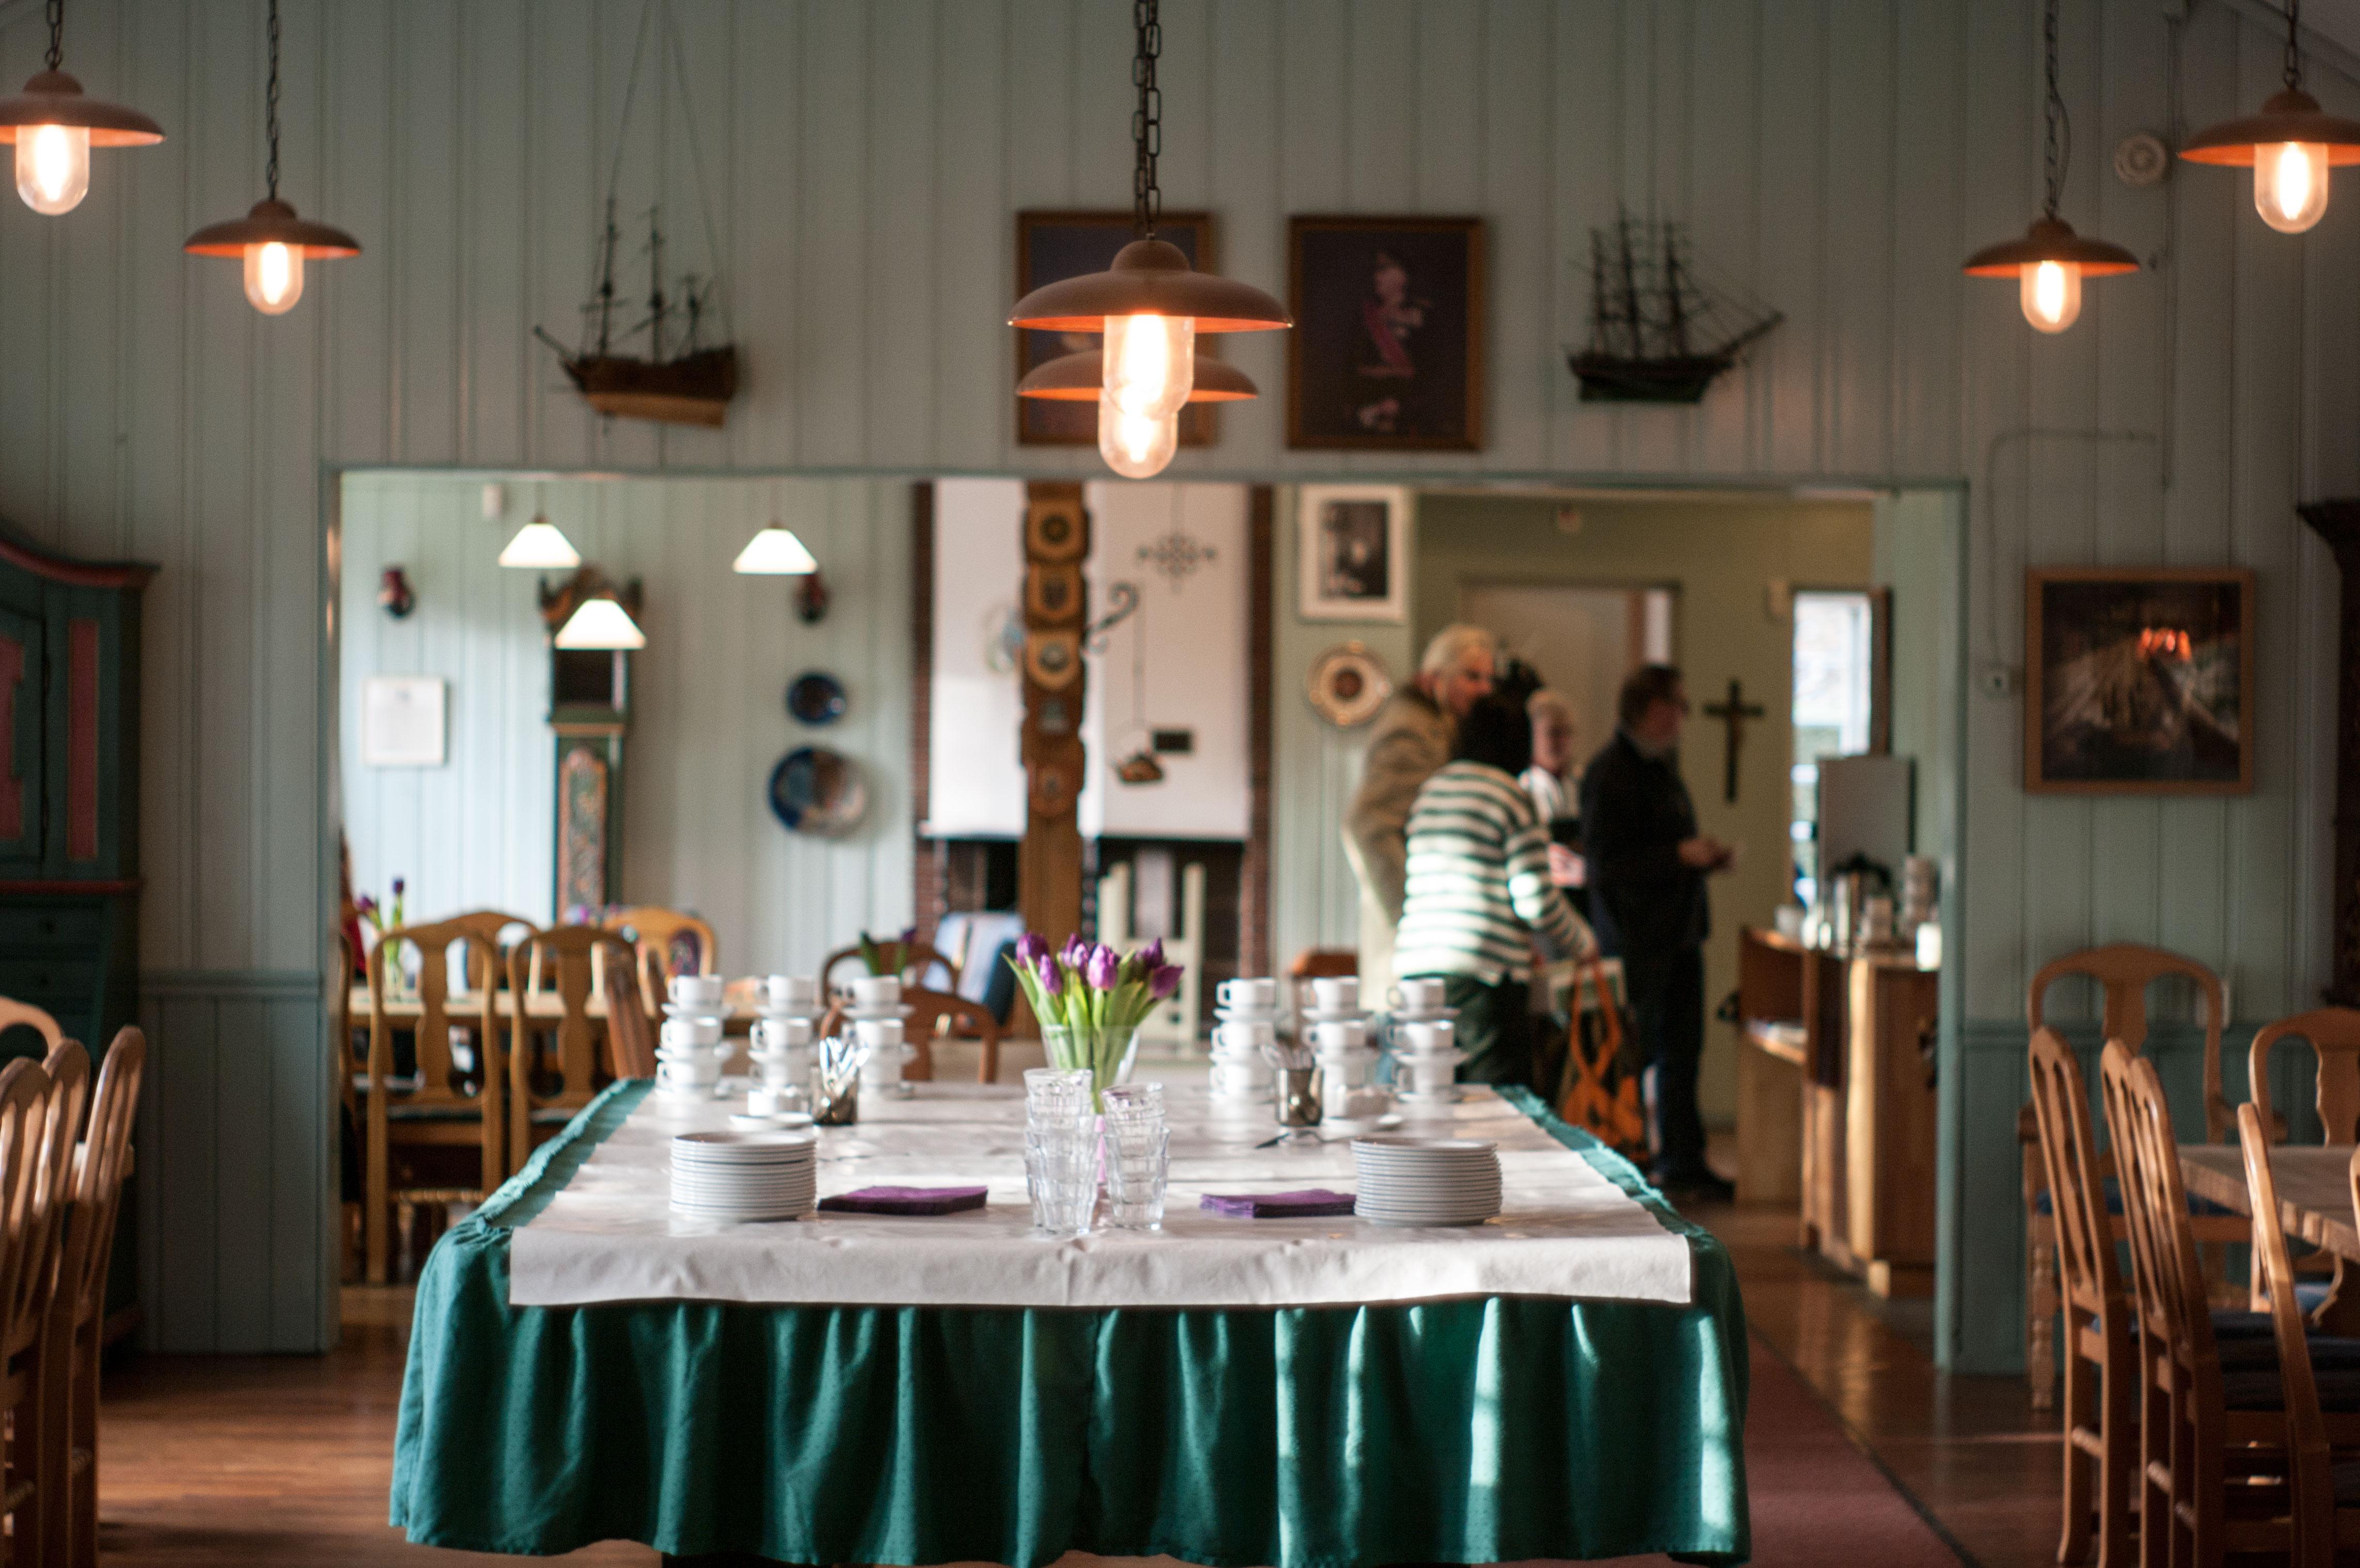 Noorse Wafels In De Zeemanskerk Vers Beton